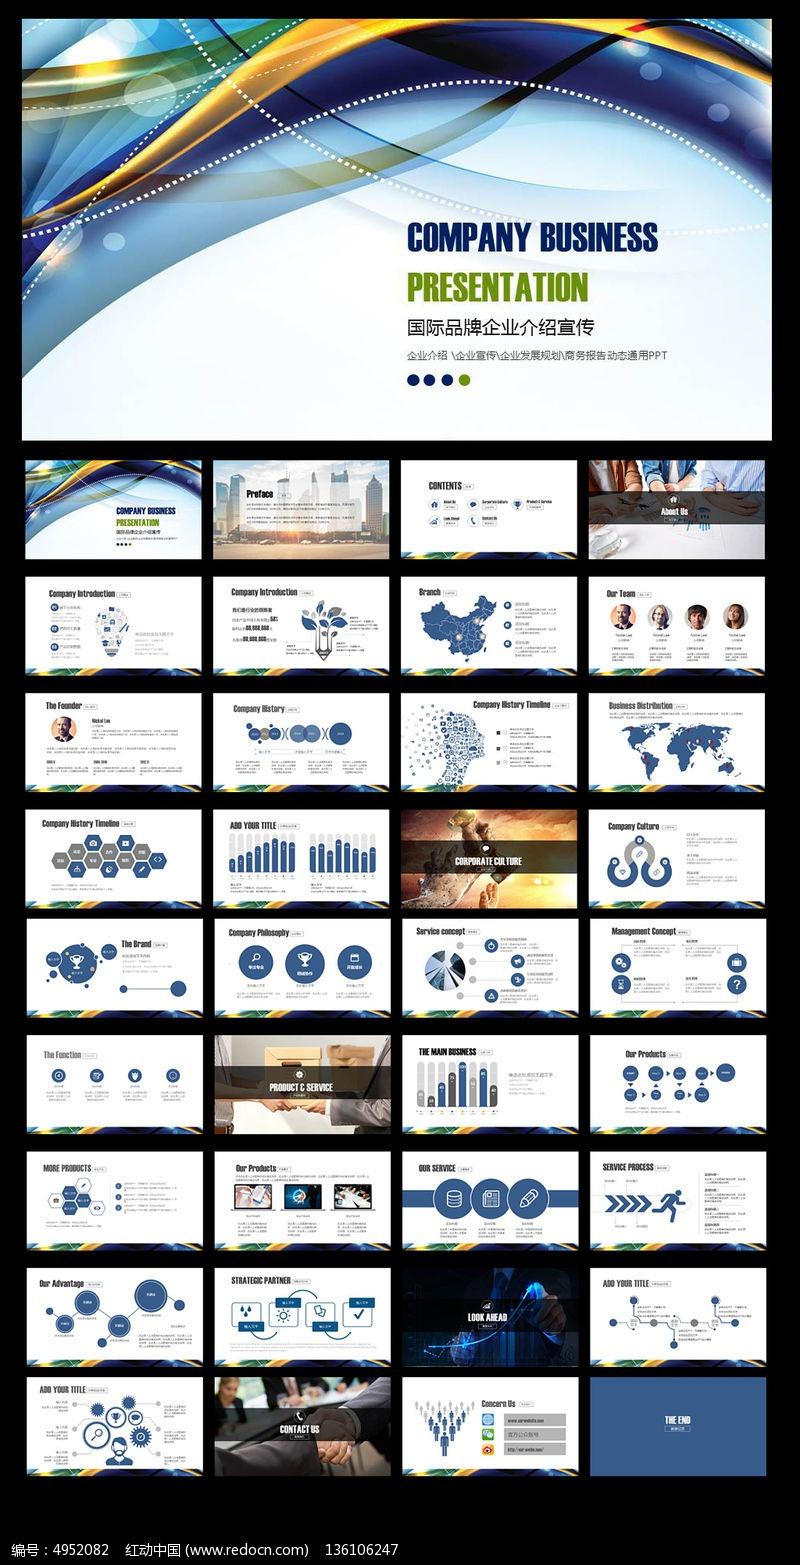 请您分享: 红动网提供其他ppt精品原创素材下载,您当前访问作品主题图片